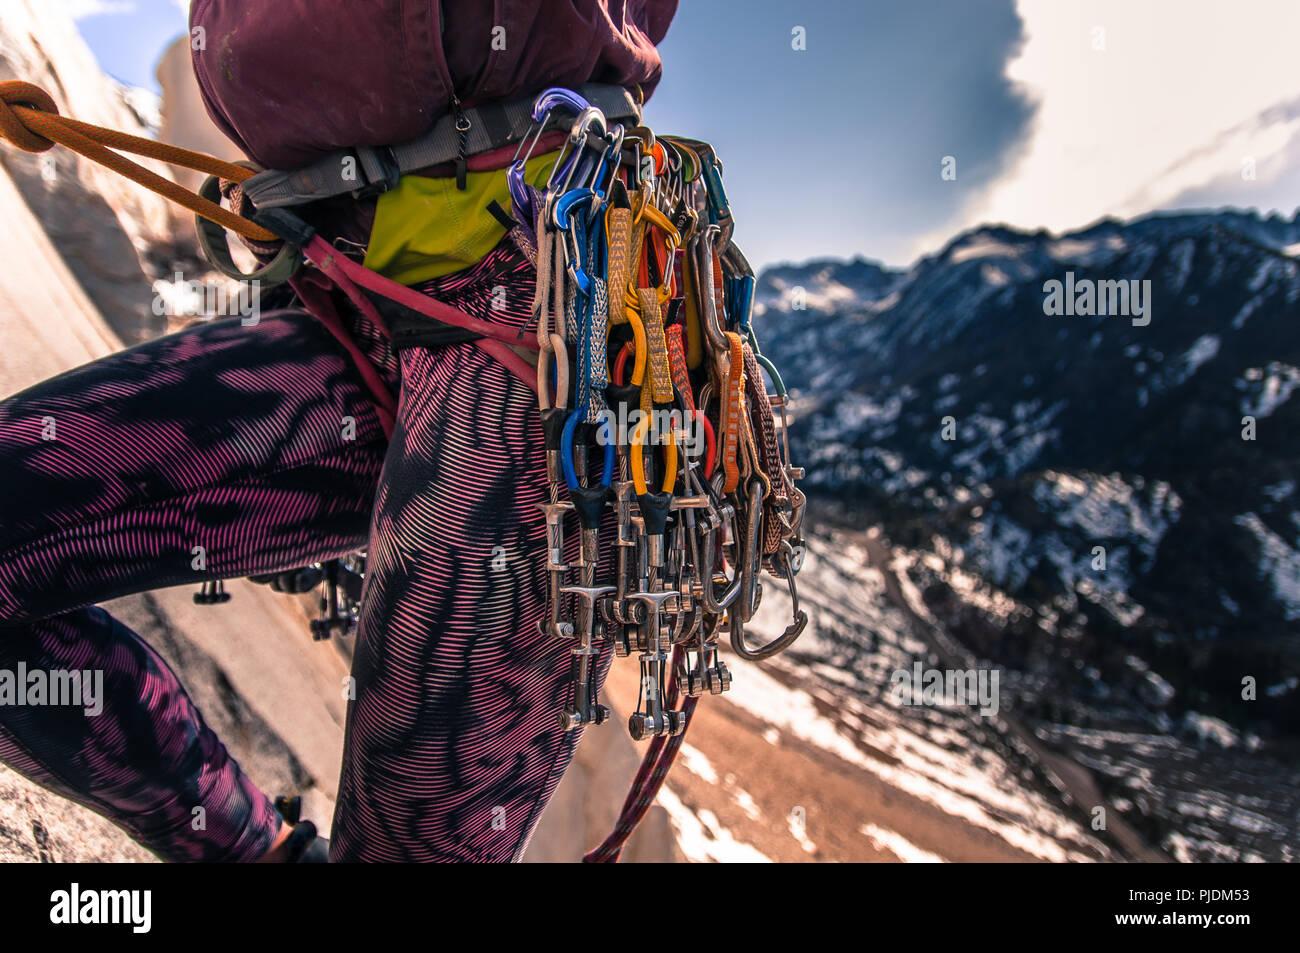 Kletterausrüstung Industrie : Traditionelle kletterausrüstung stockfotos